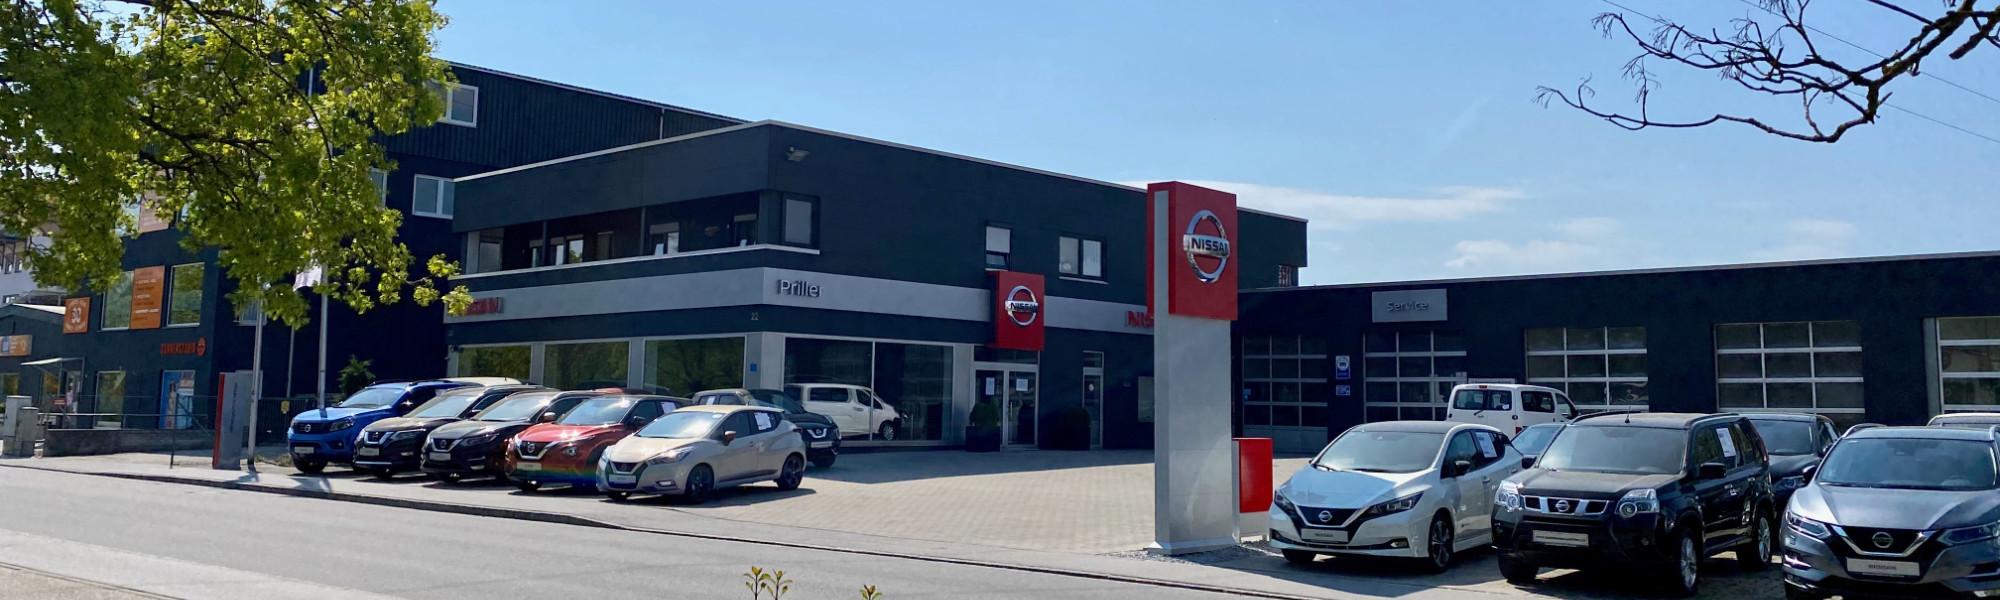 Umbau Ergolding – Unser Autohaus erstrahlt im neuen Glanz!